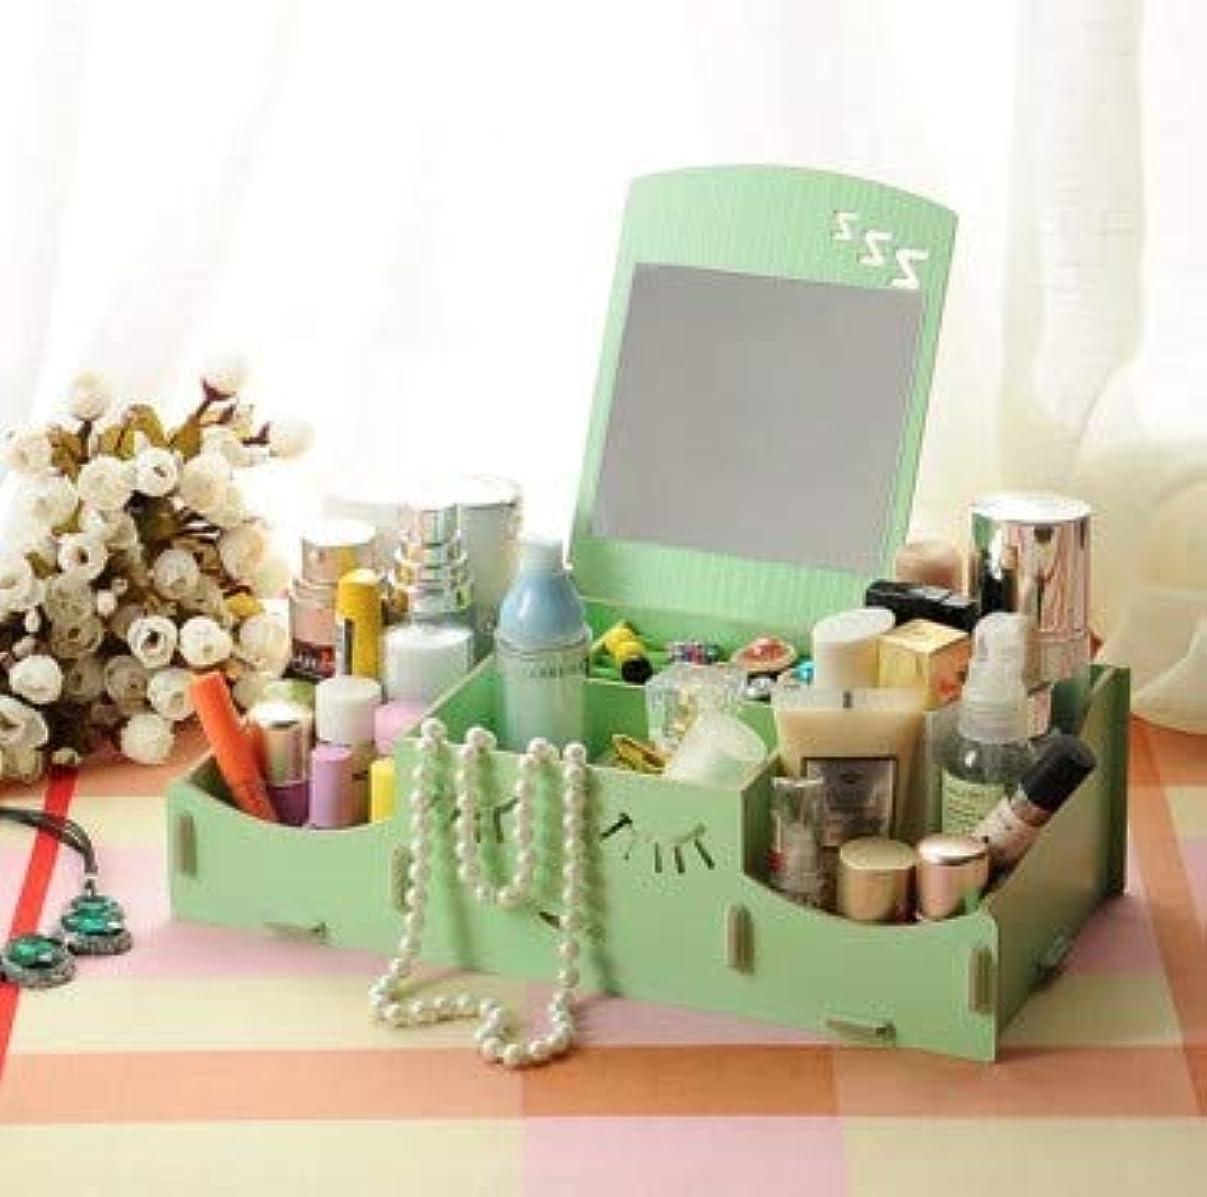 動員する弓バッフルスマイリー木製クリエイティブ収納ボックス手作りデスクトップミラー化粧品収納ボックス化粧品収納ボックス (Color : グリンー)